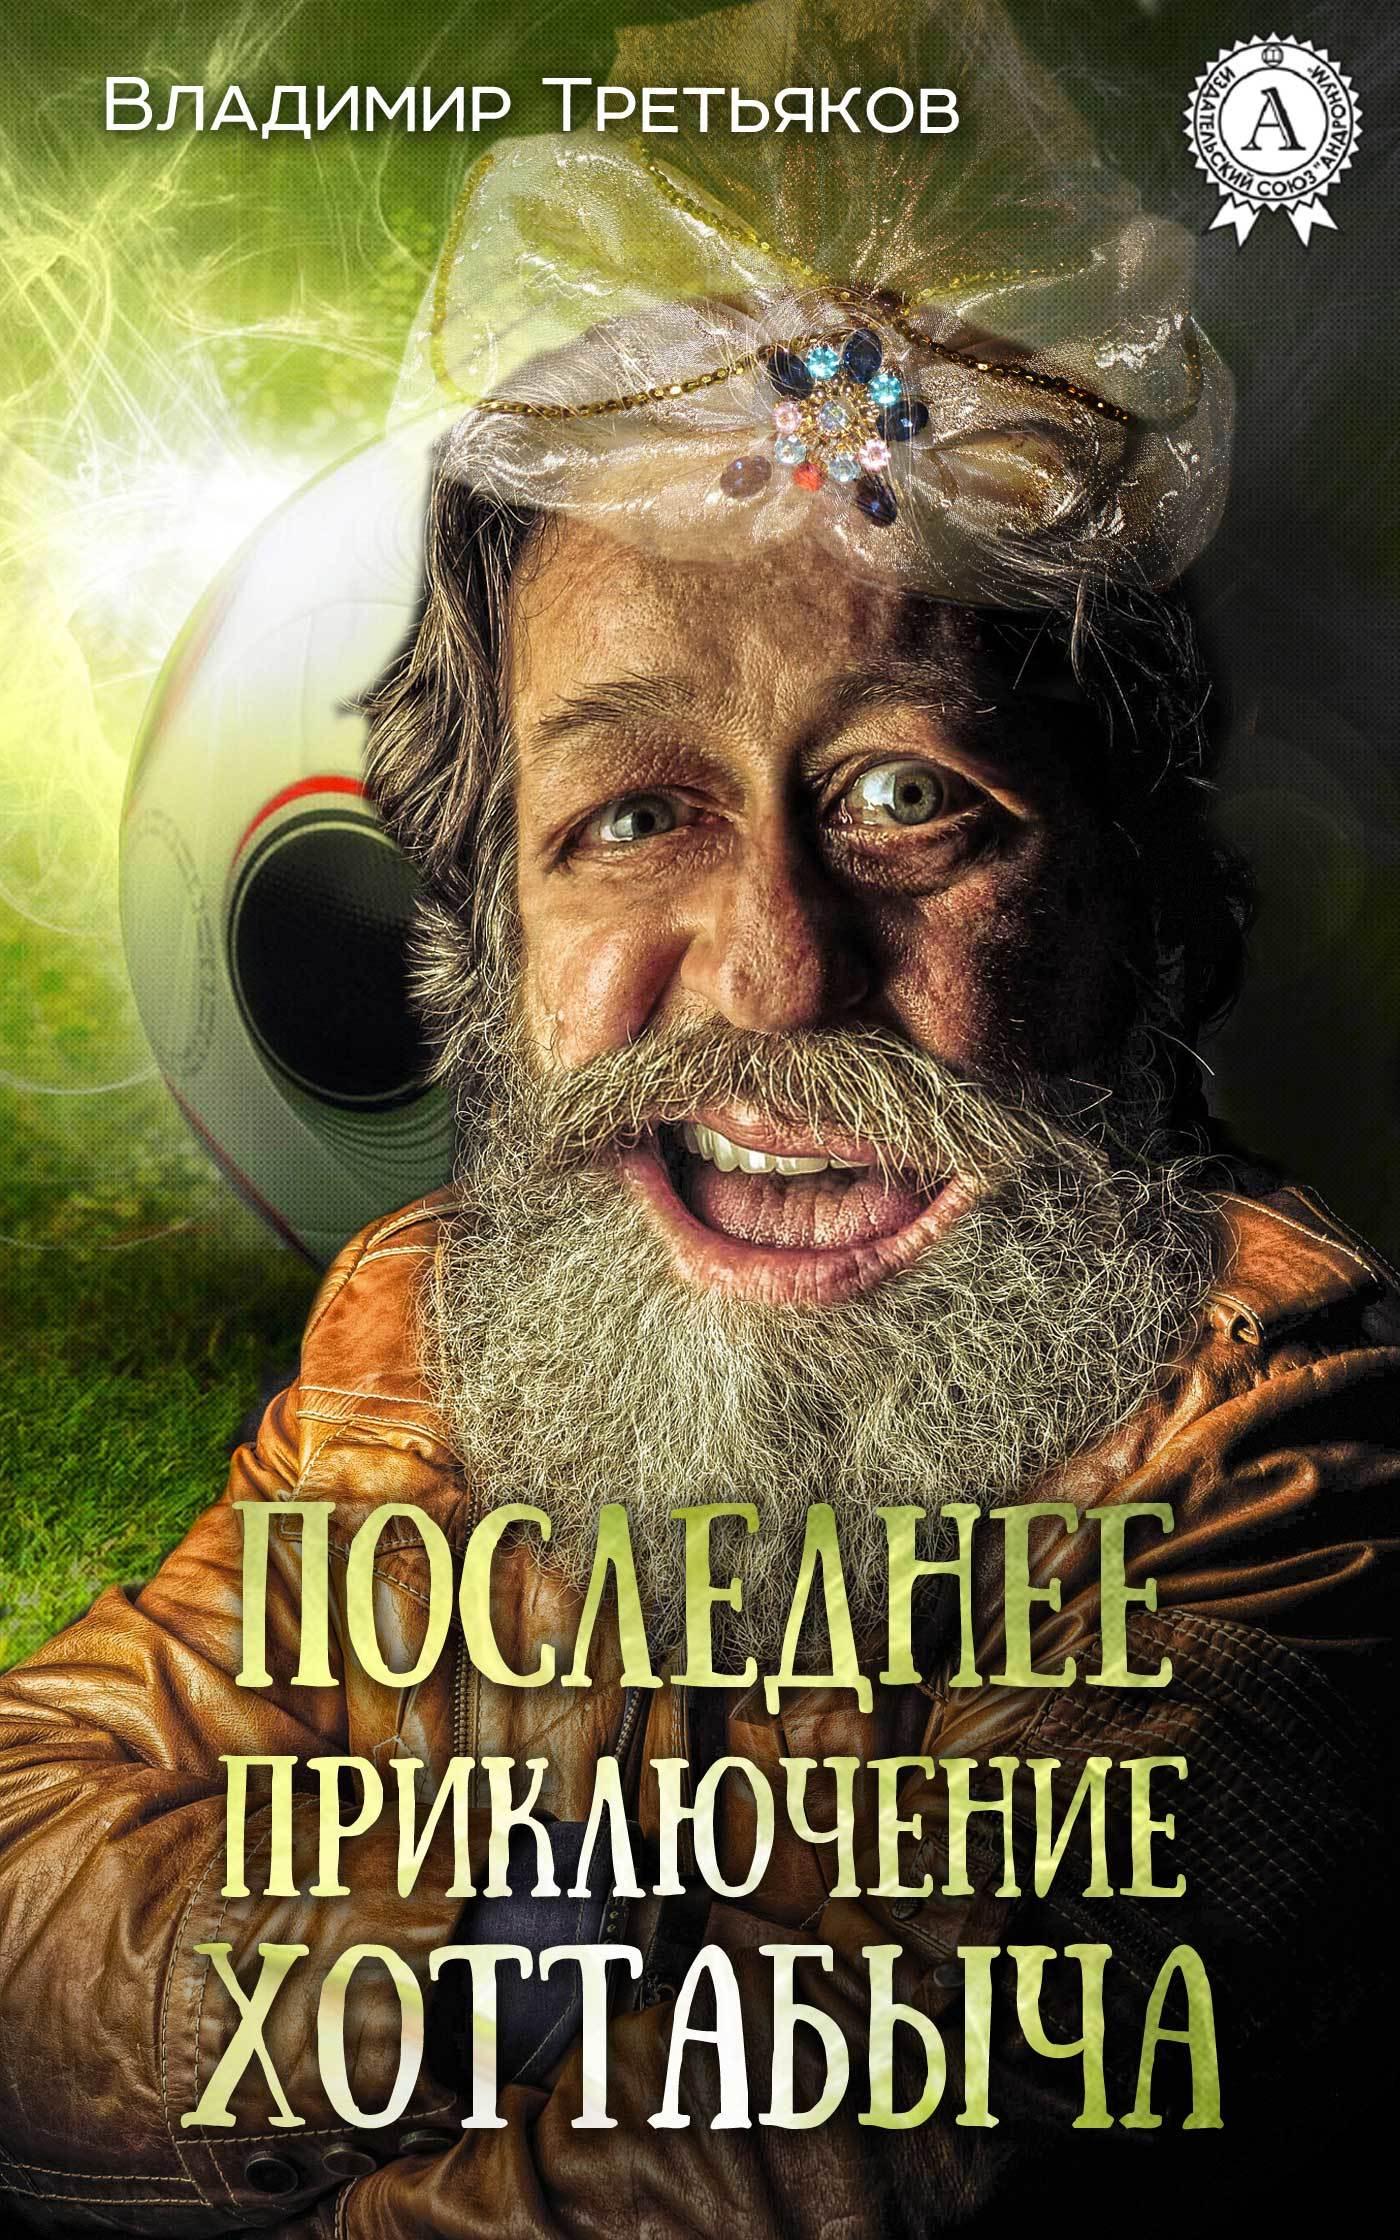 Владимир Третьяков Последнее приключение Хоттабыча